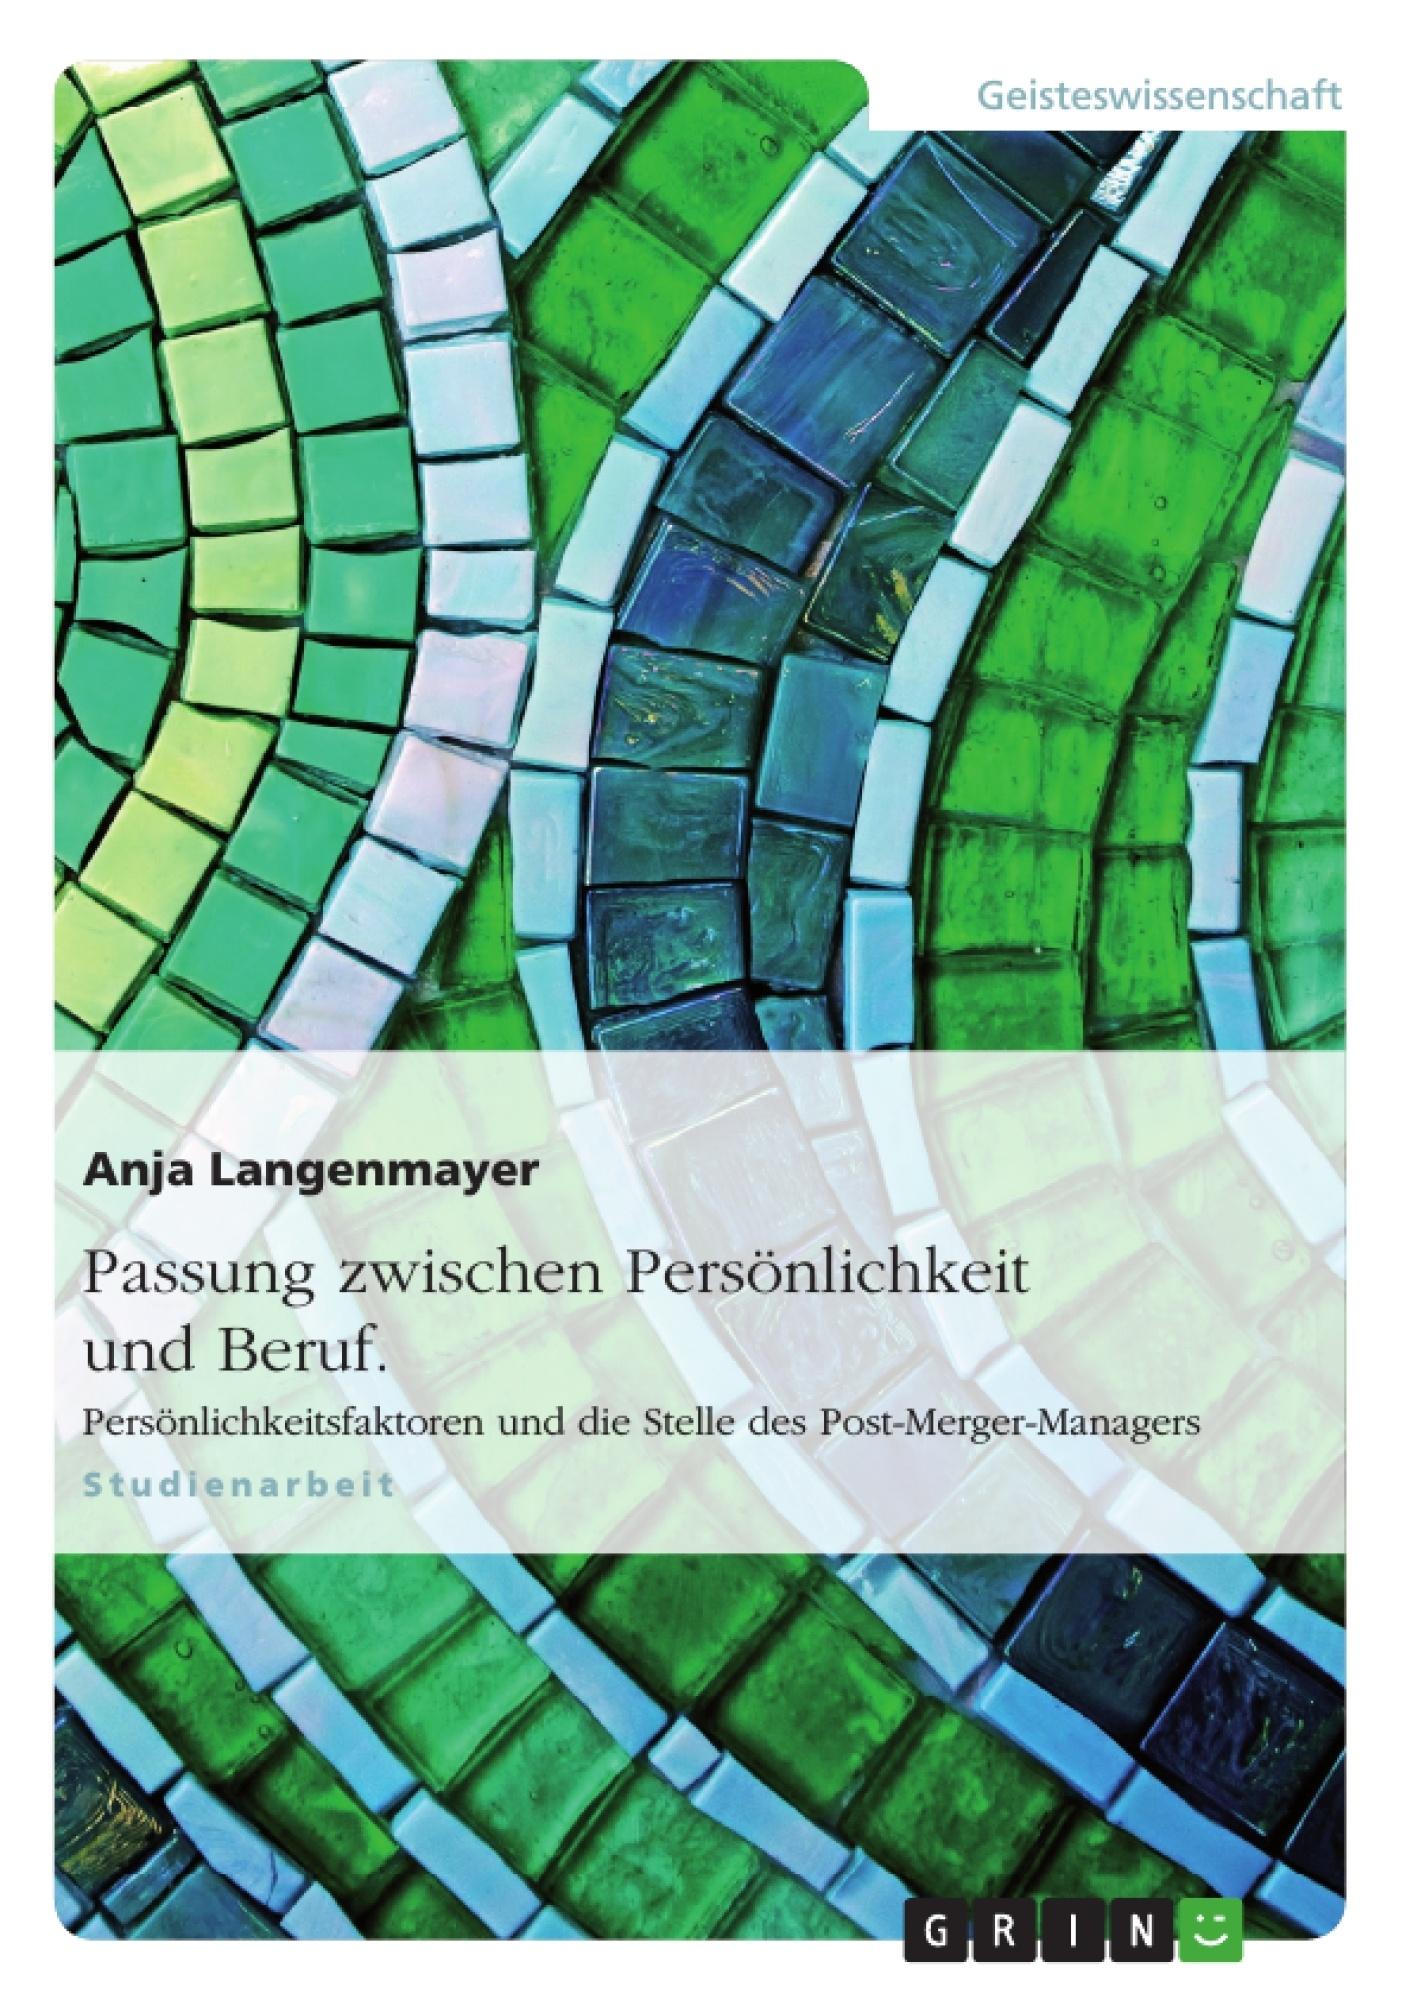 Titel: Passung zwischen Persönlichkeit und Beruf. Persönlichkeitsfaktoren und die Stelle des Post-Merger-Managers